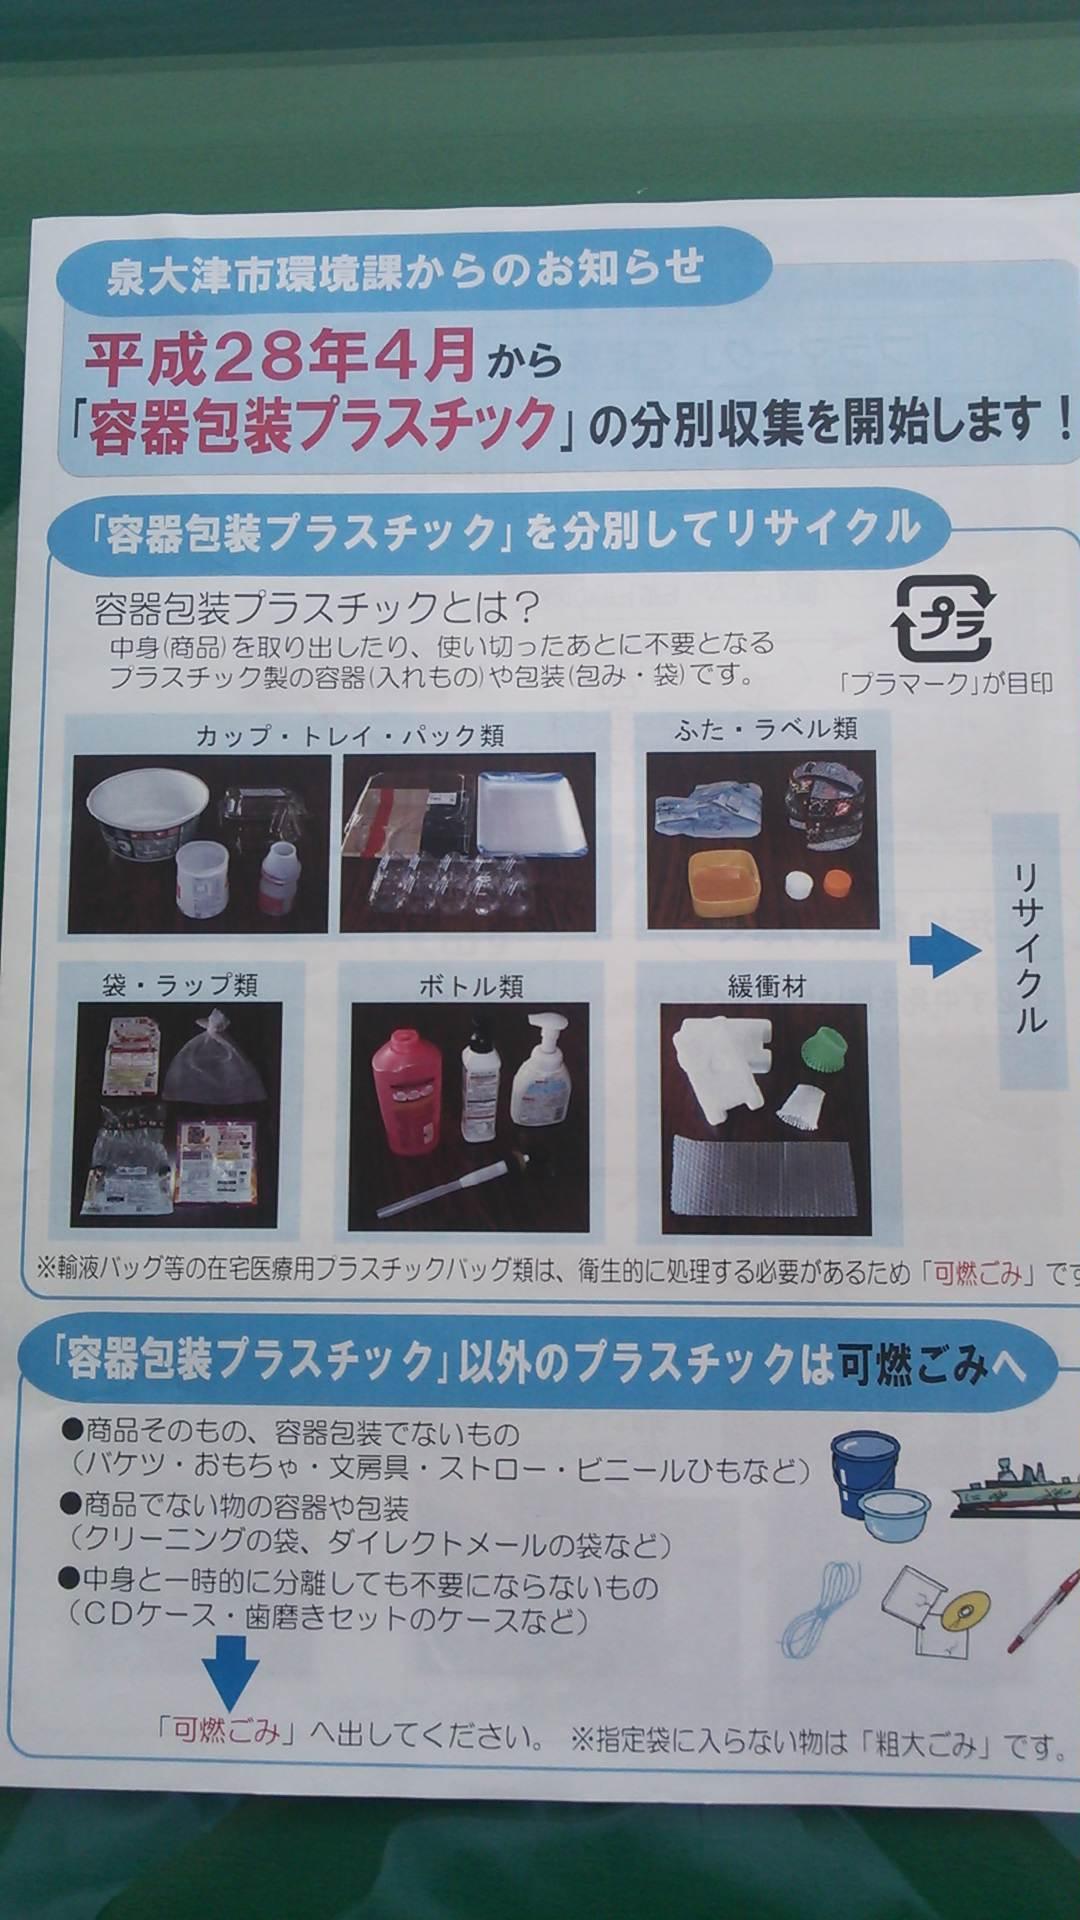 プラごみ分別、7.5㍑のごみ袋新発売!